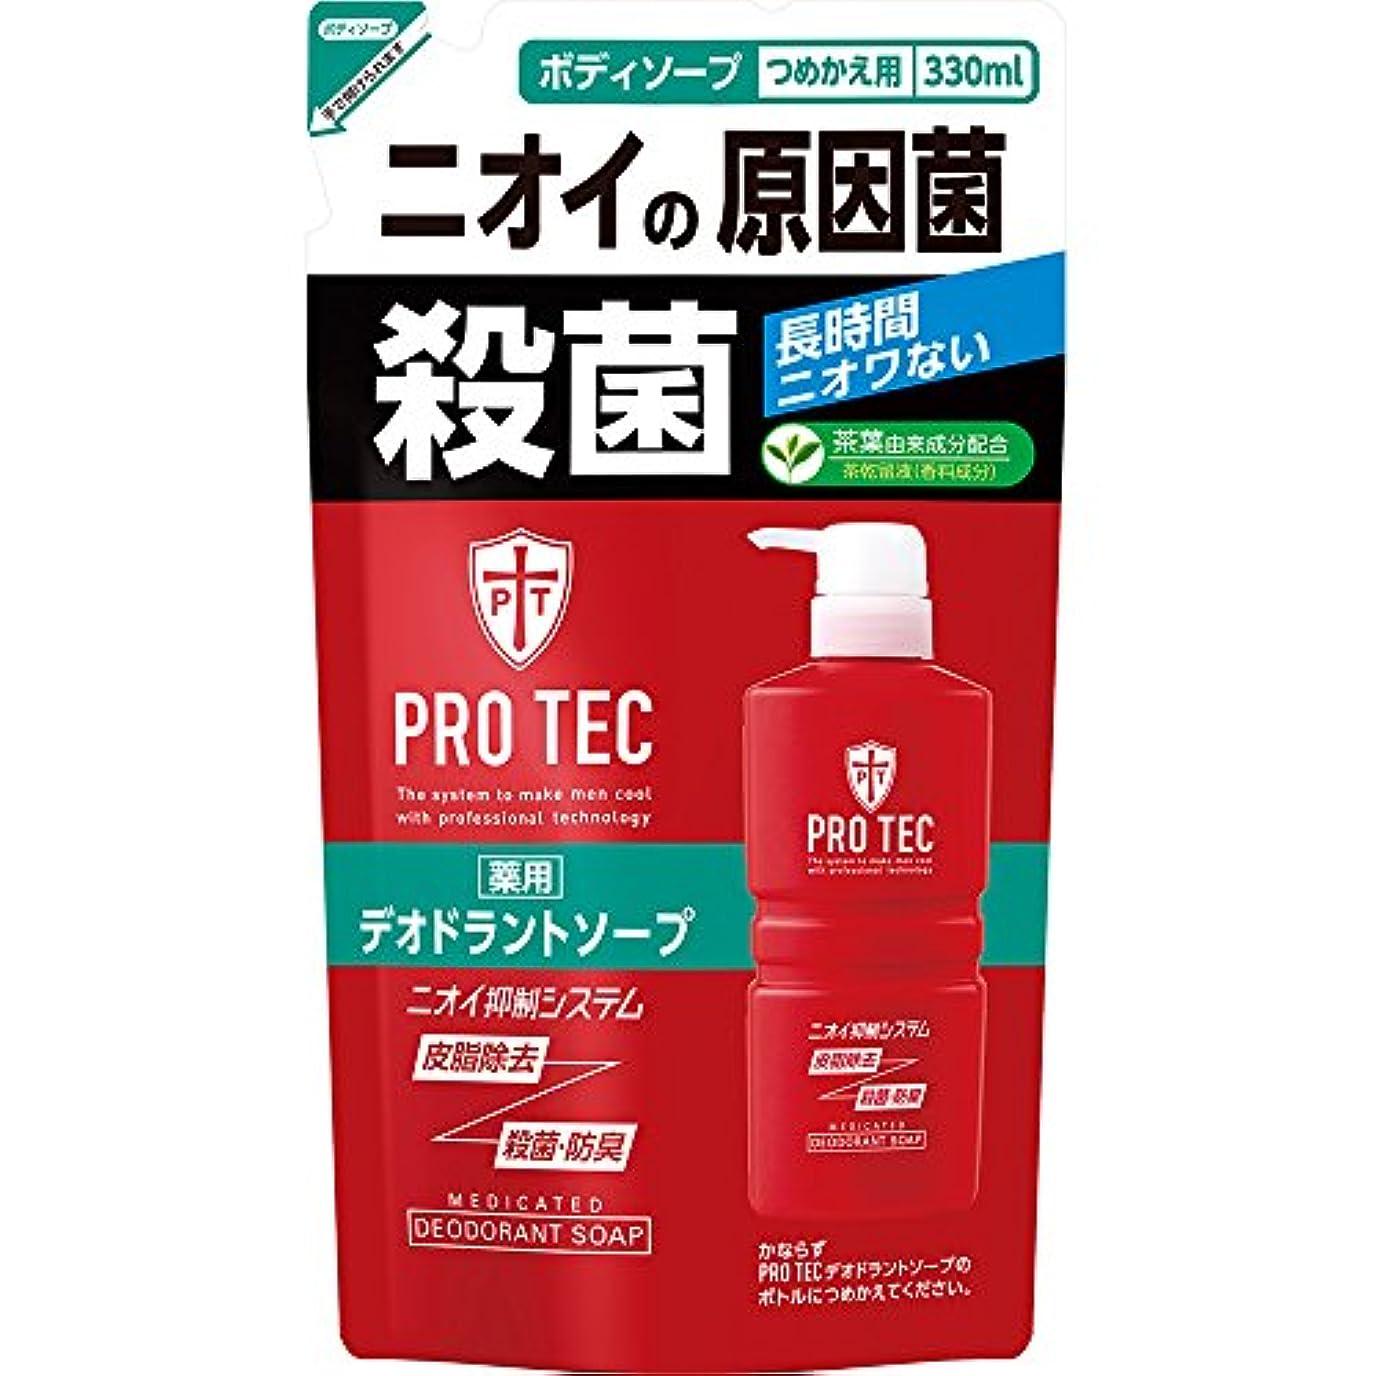 処分した思われる無視するPRO TEC(プロテク) デオドラントソープ 詰め替え 330ml(医薬部外品)